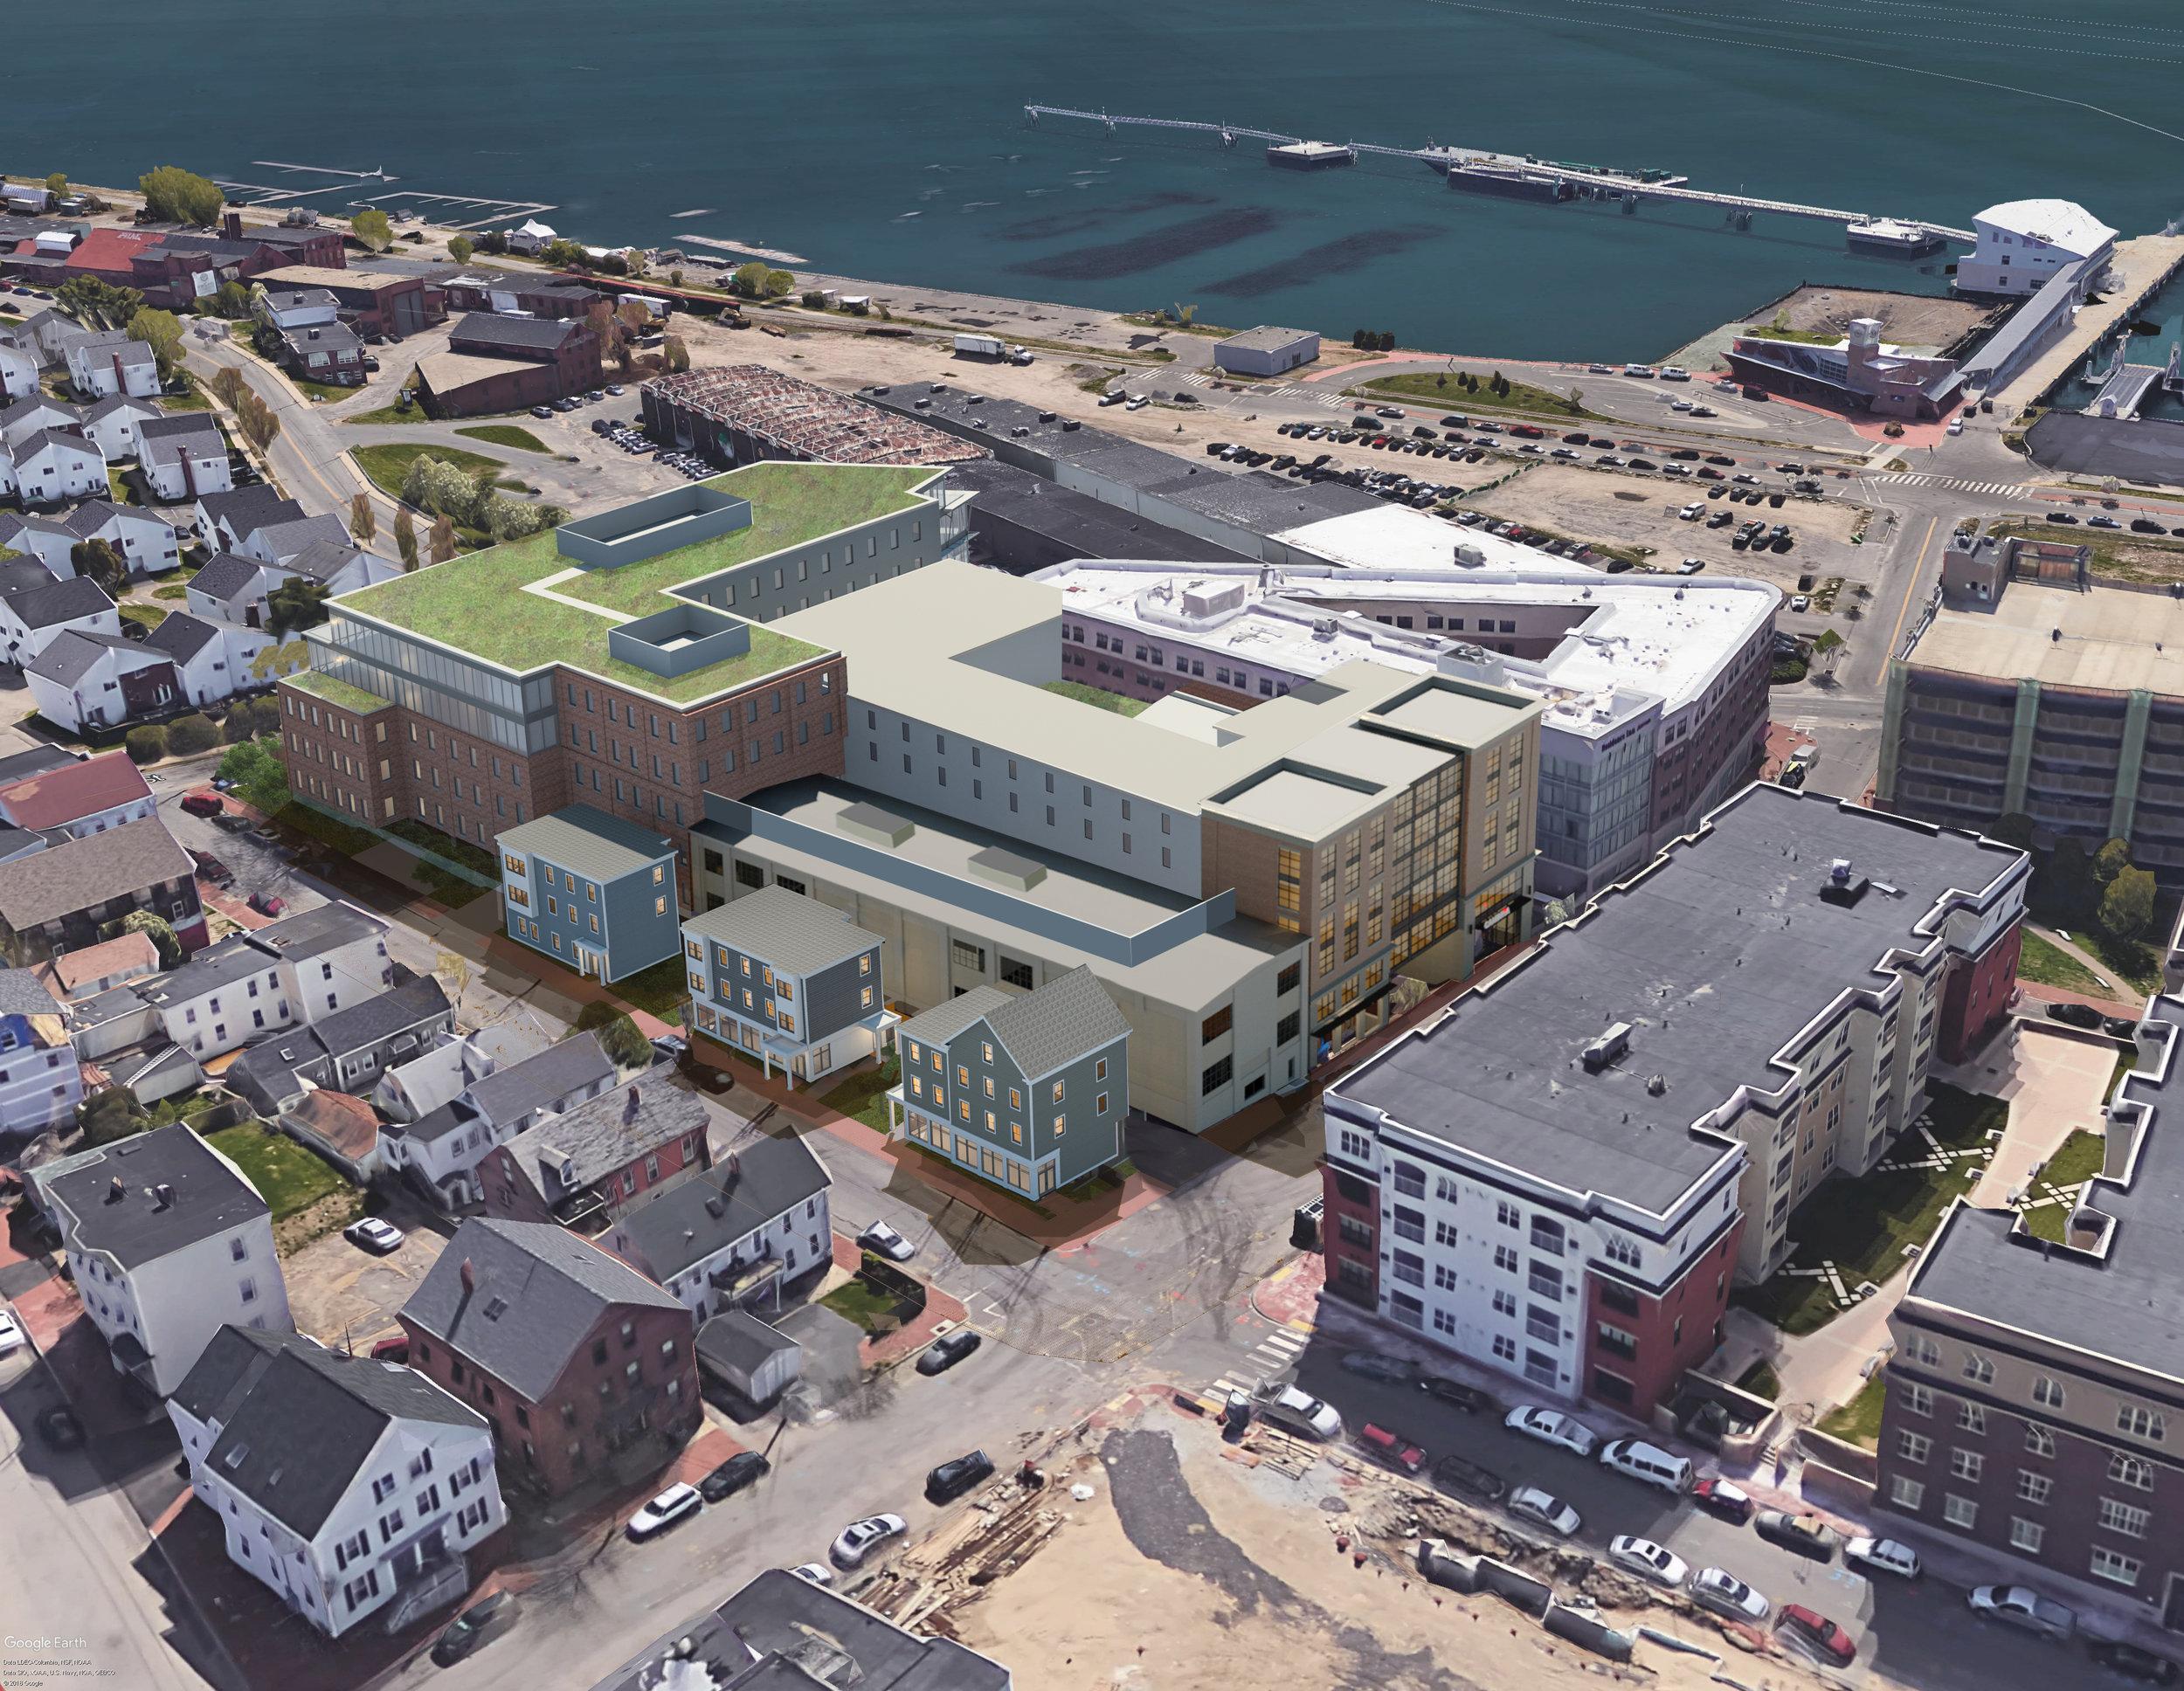 02 - Aerial View 2.jpg